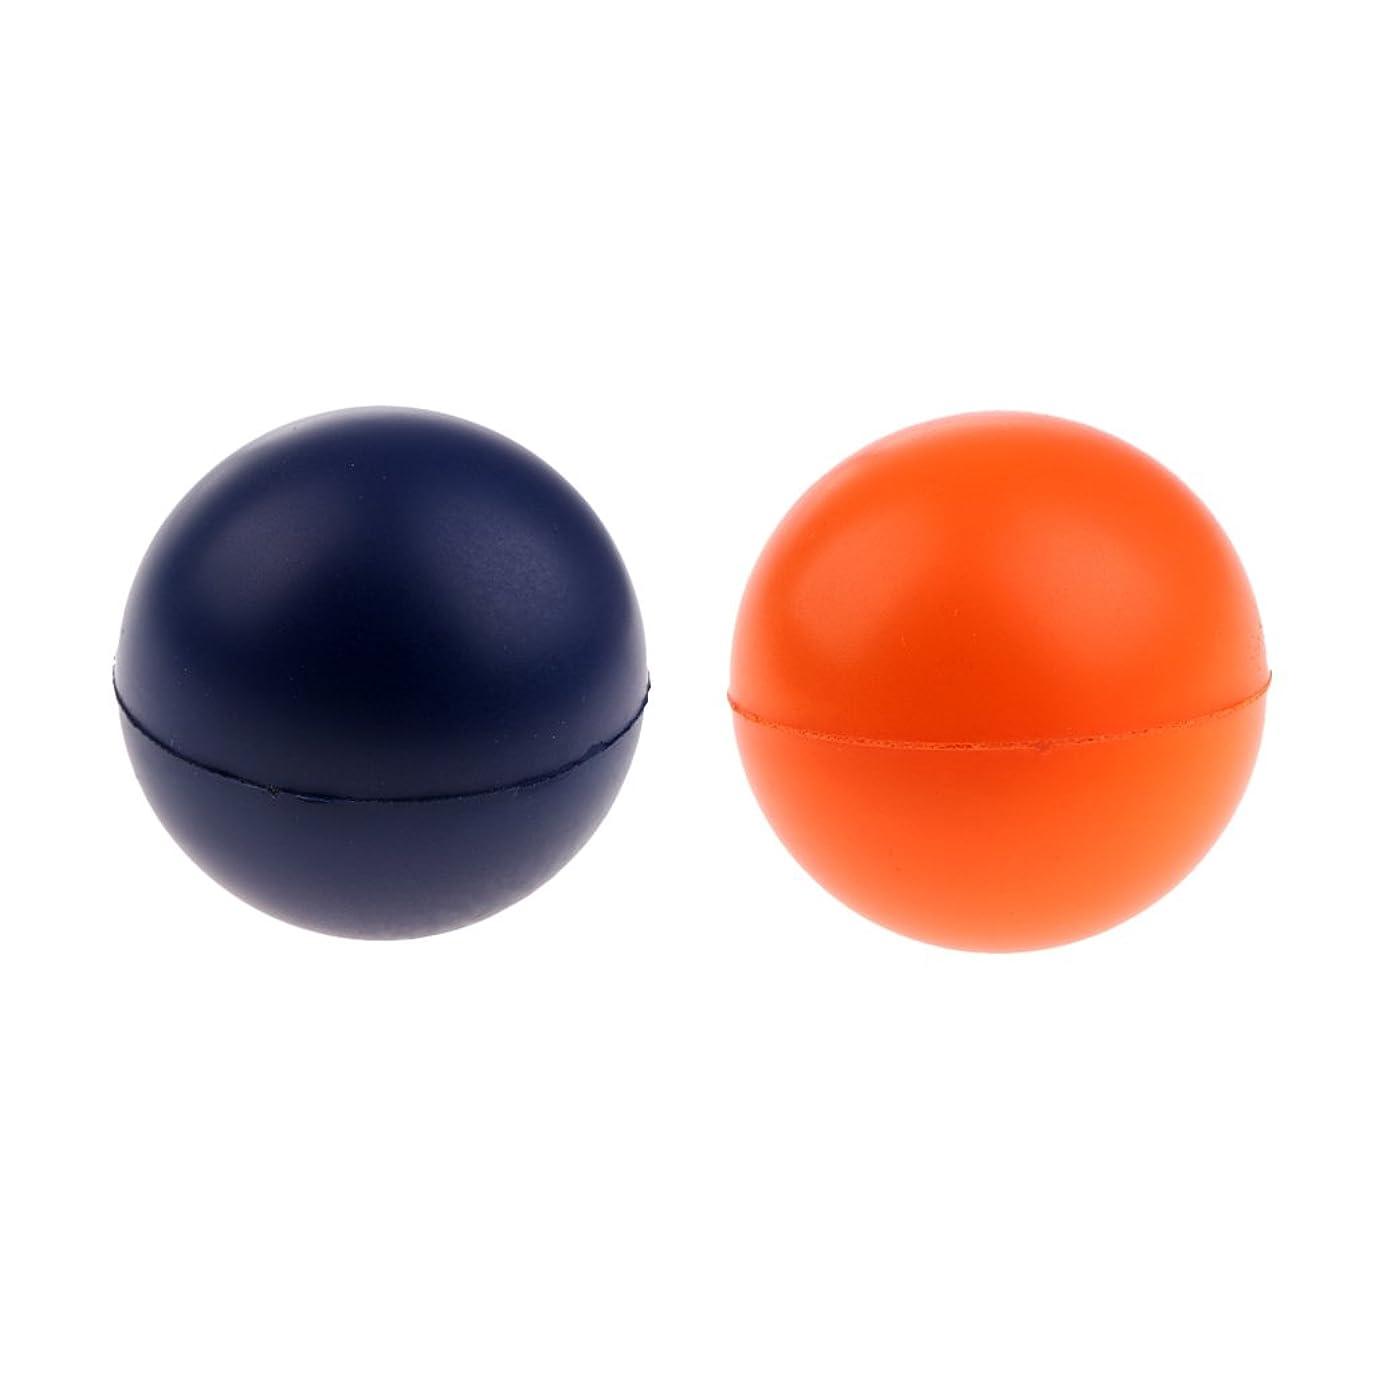 精査する知らせる水素SunniMix 2本 50ミリメートル テニス訓練 テニスボール リバース ベースボード ツール 丈夫